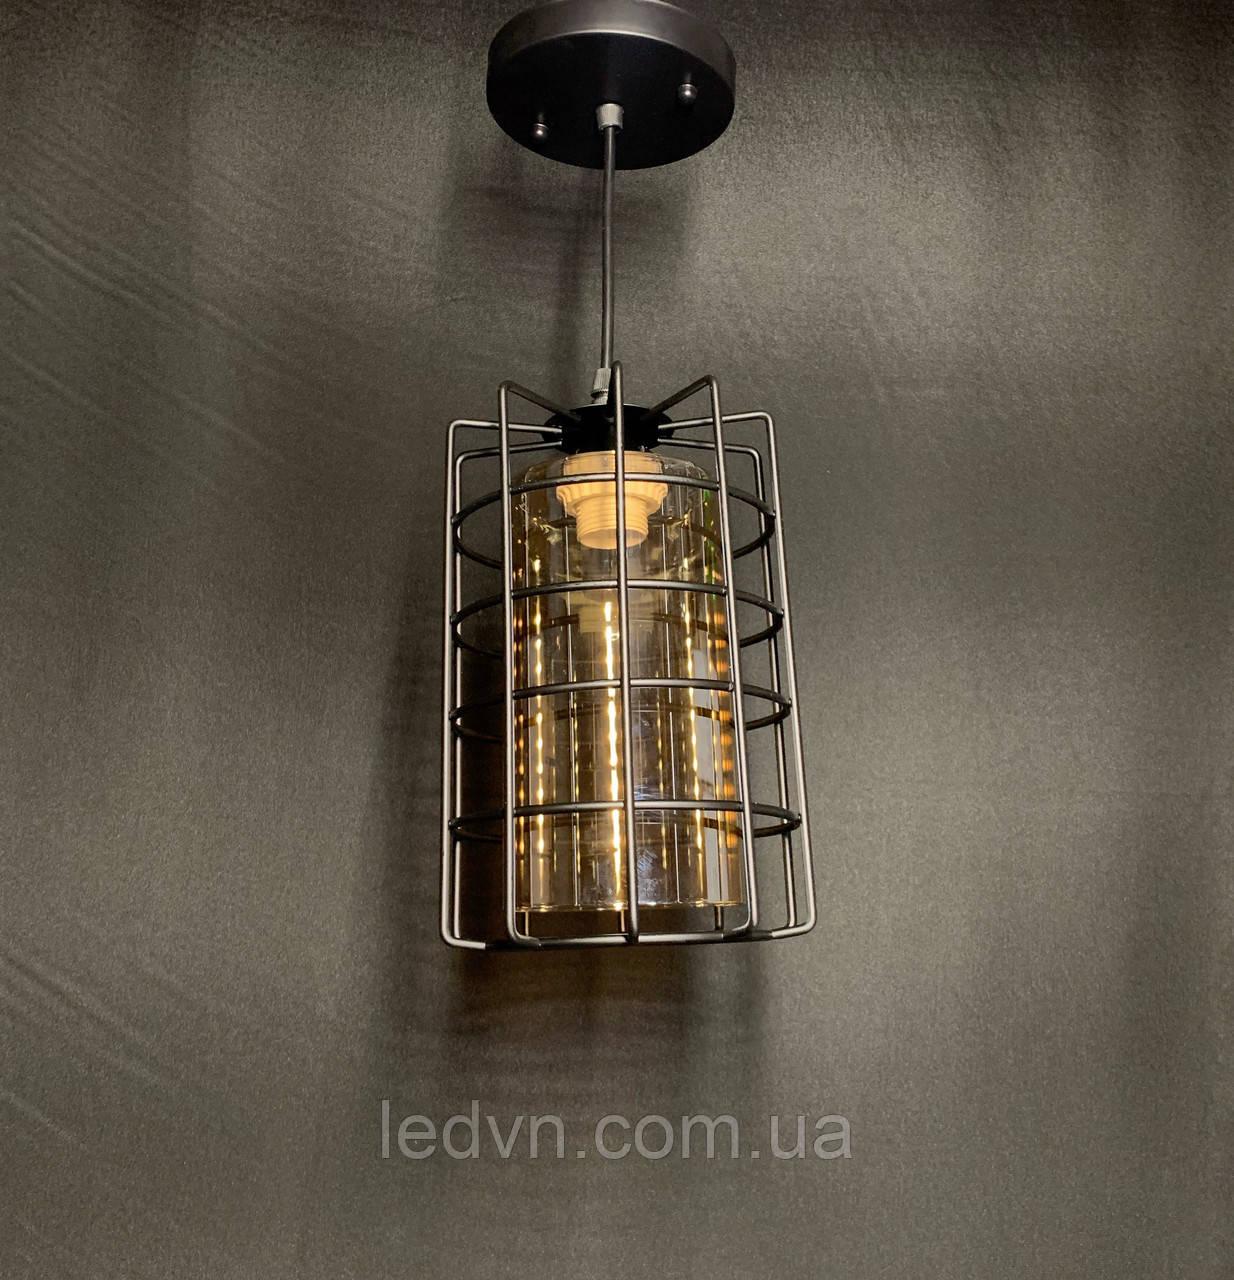 Підвісний світильник лофт з плафоном чорний